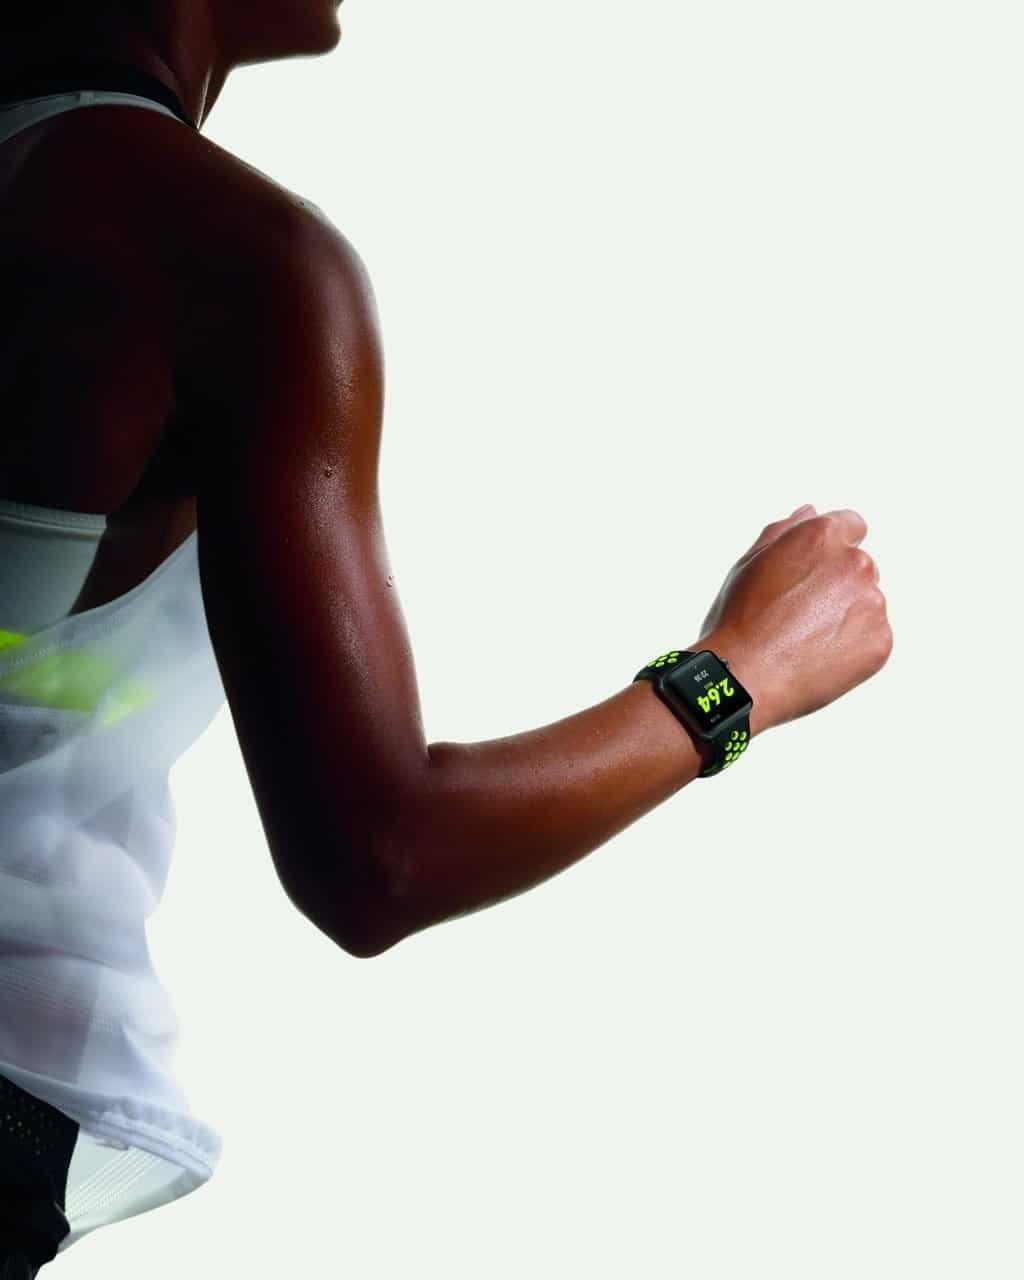 Apple Watch Joggen - Apple